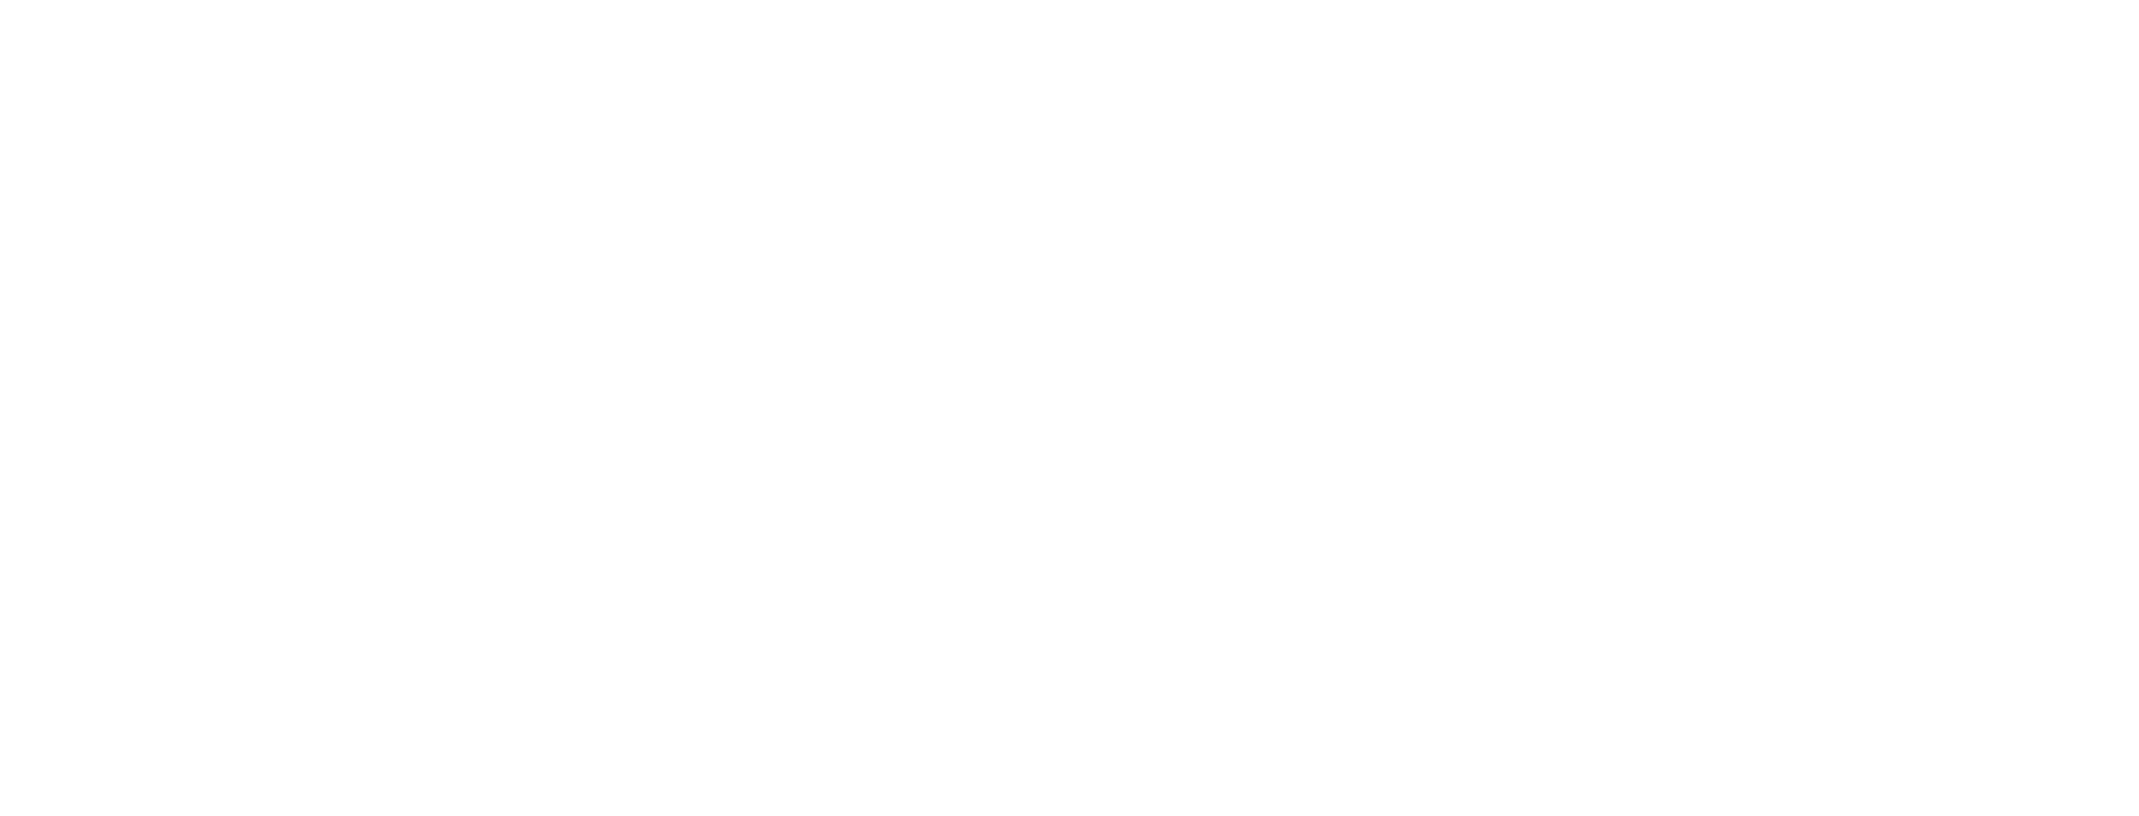 asweetgoodbye-logo